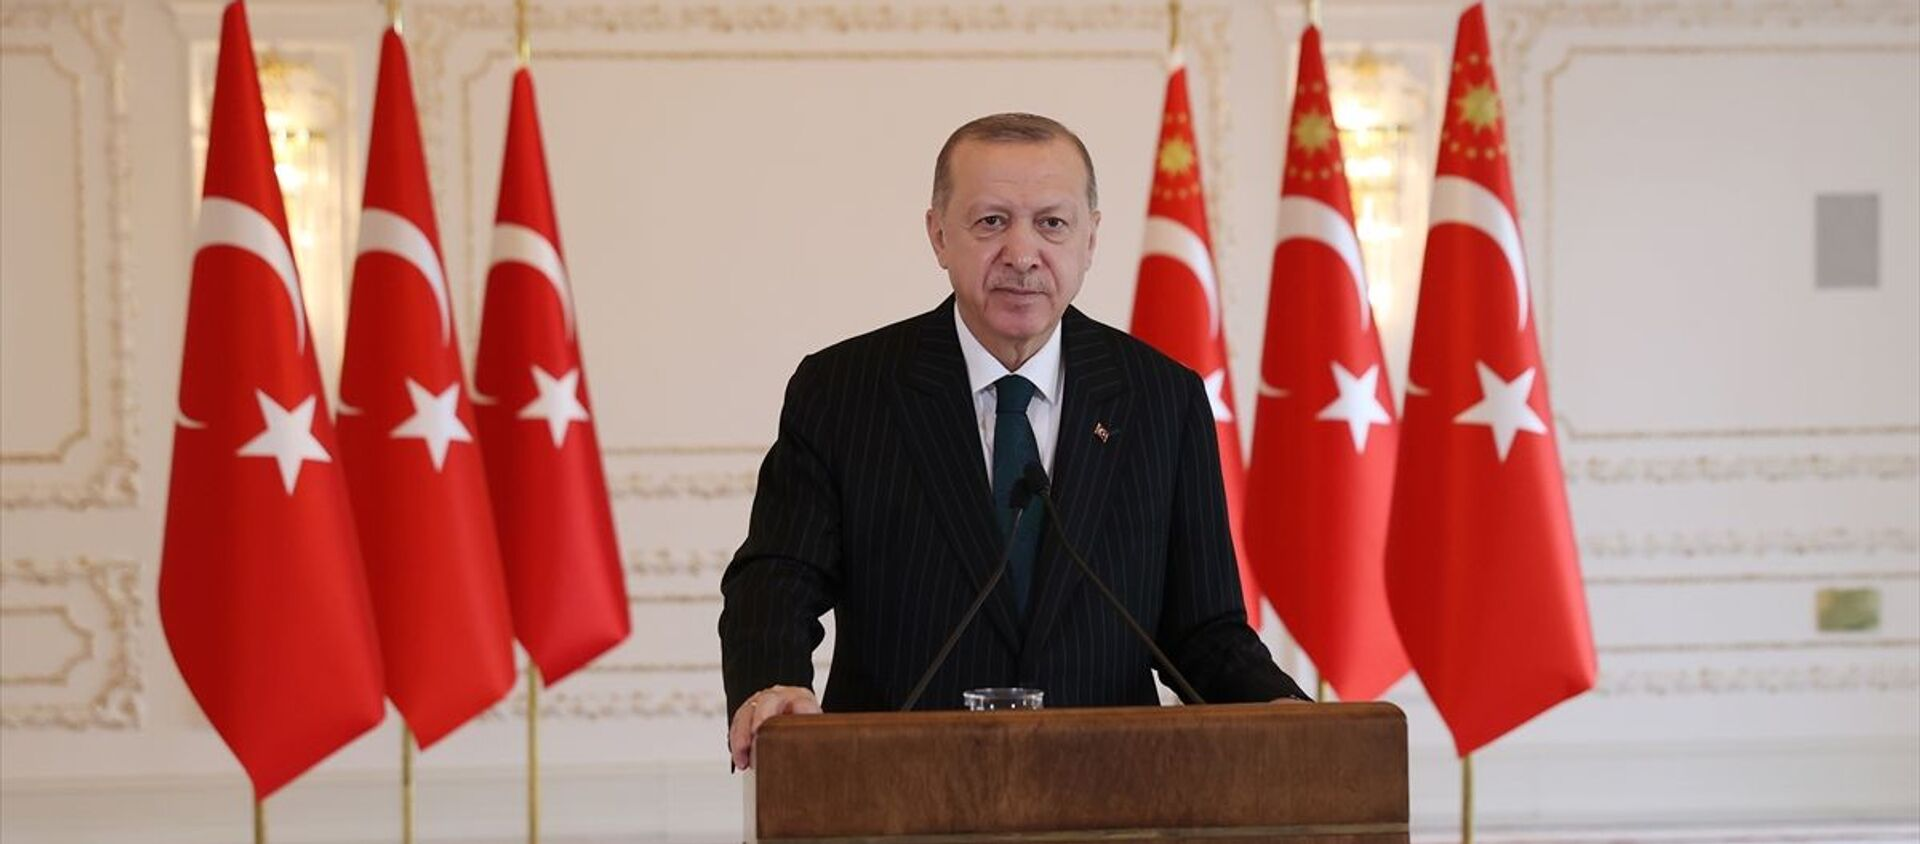 Türkiye Cumhurbaşkanı Recep Tayyip Erdoğan - Sputnik Türkiye, 1920, 12.12.2020